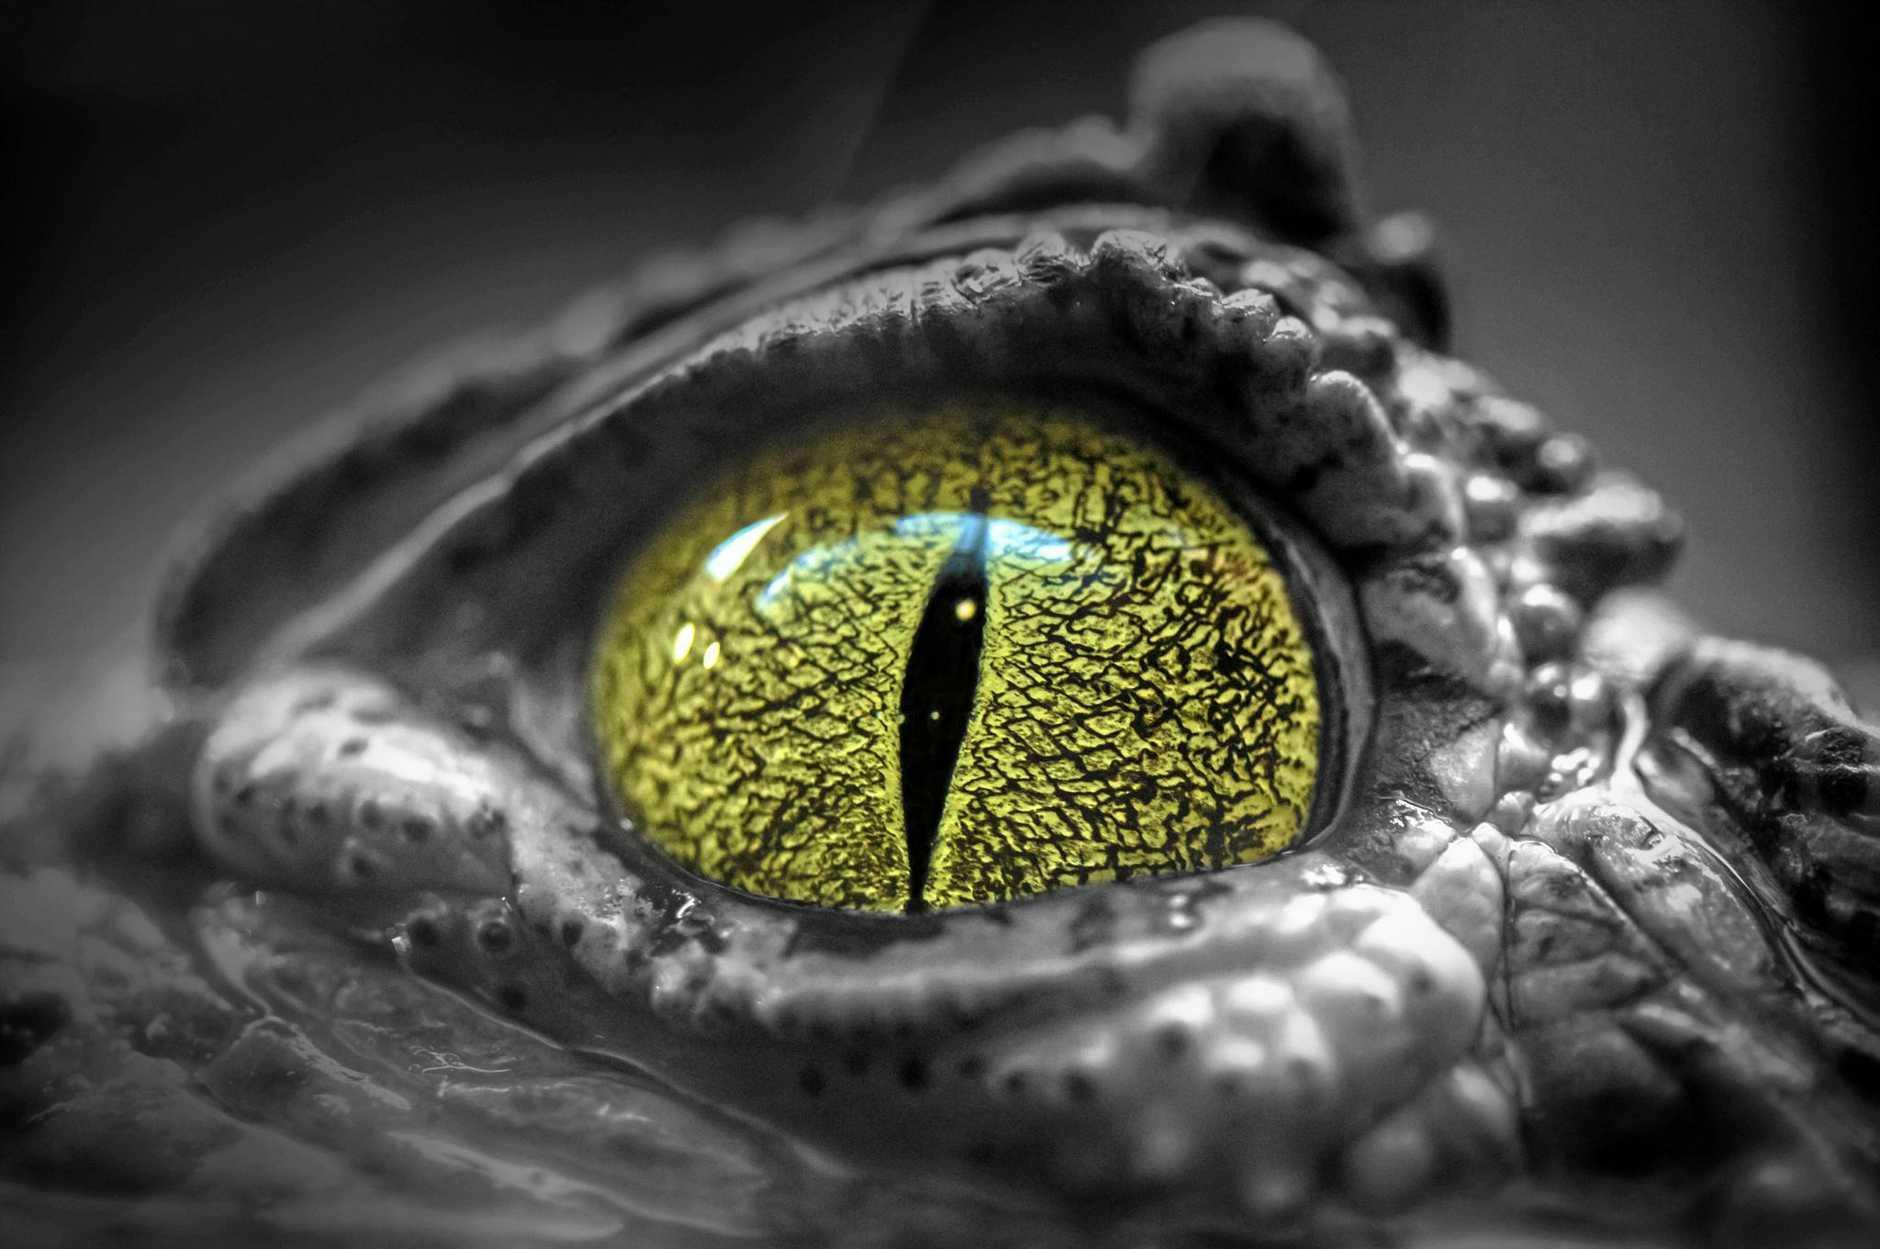 Eye af a crocodile